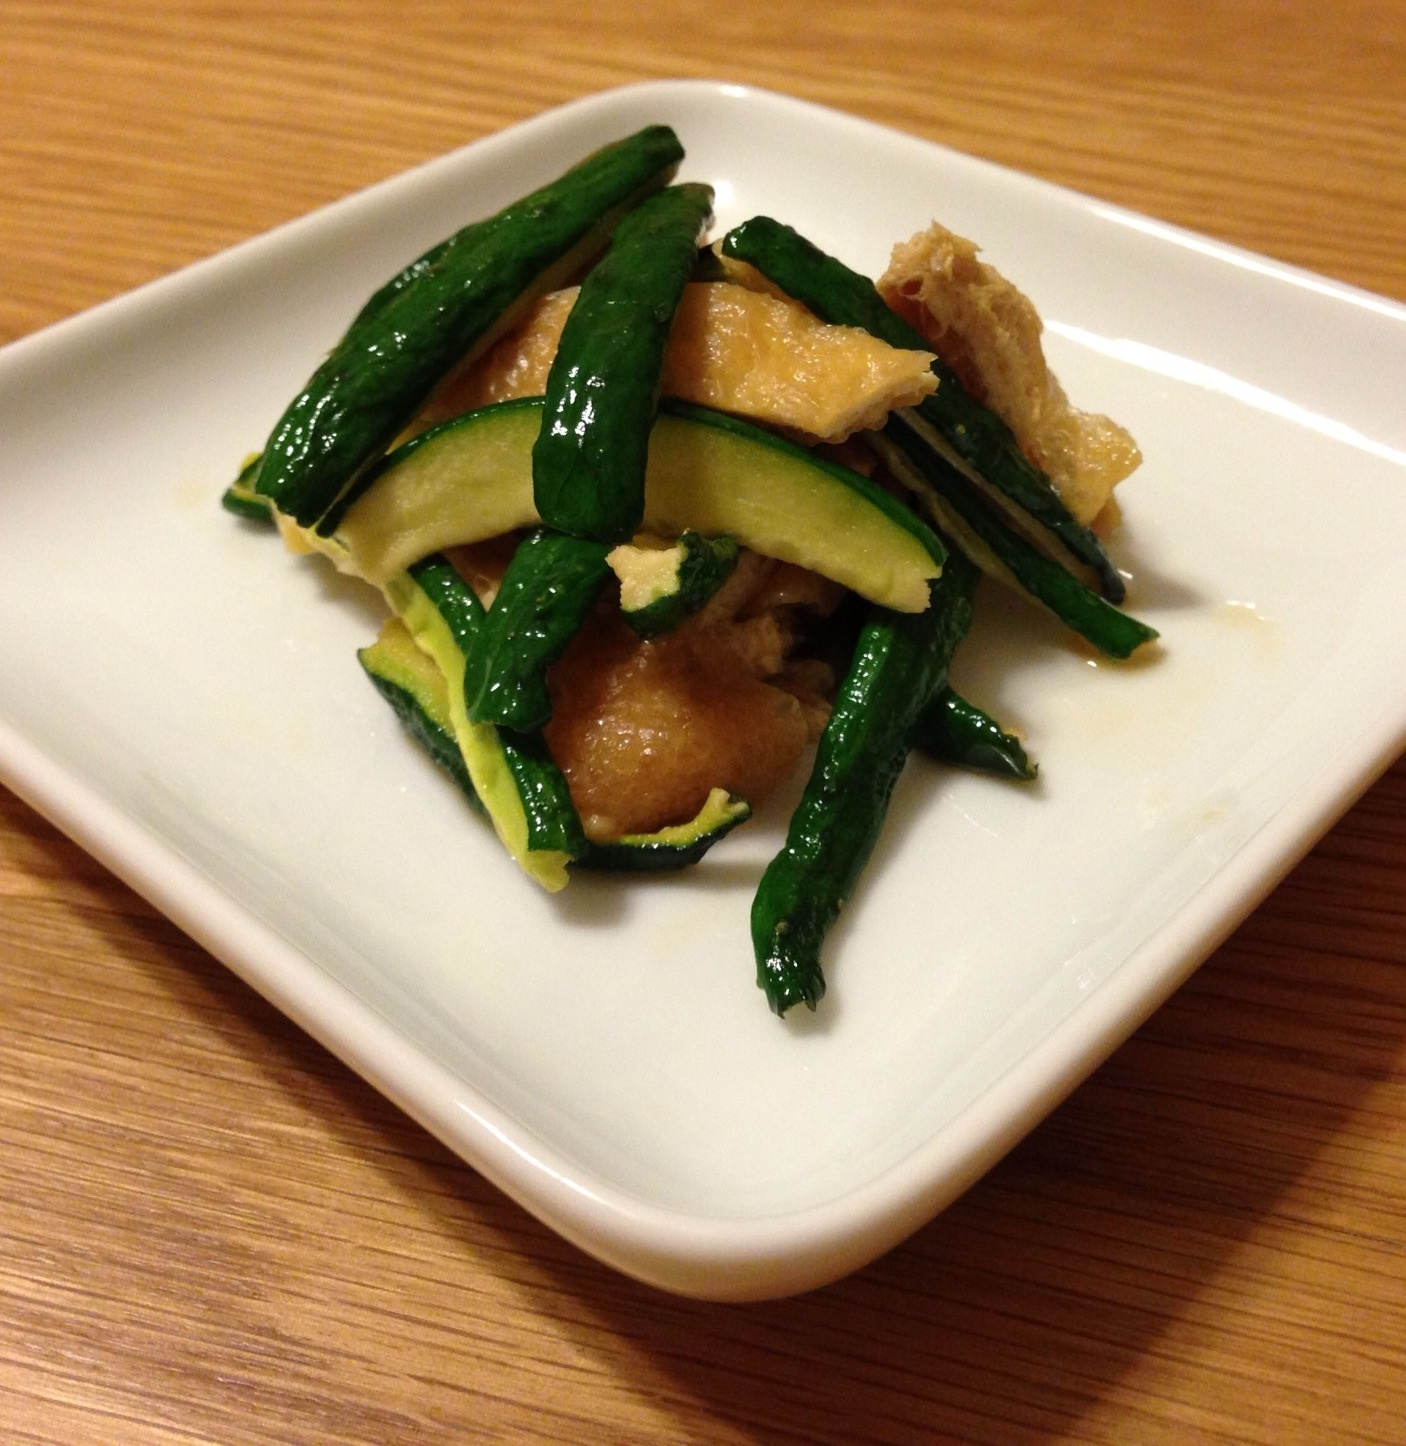 サラダだけじゃなかった!キュウリの干し野菜で広がるレシピ